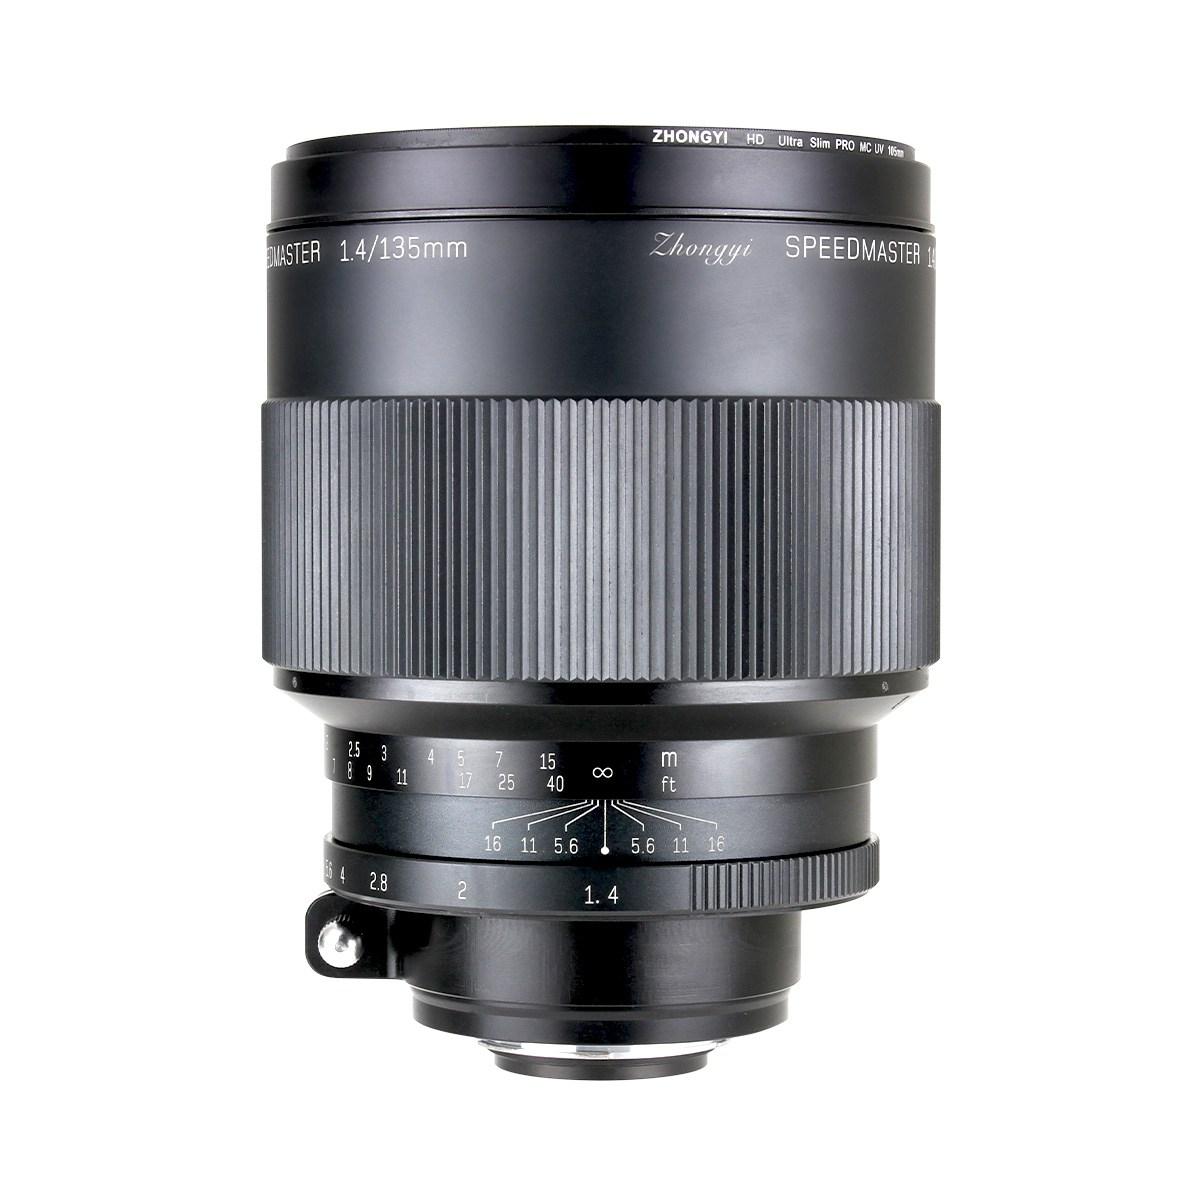 Nuevos objetivos compatibles: Leica SL-mitakon-speedmaster-135mm-f1.4-lens4.jpg